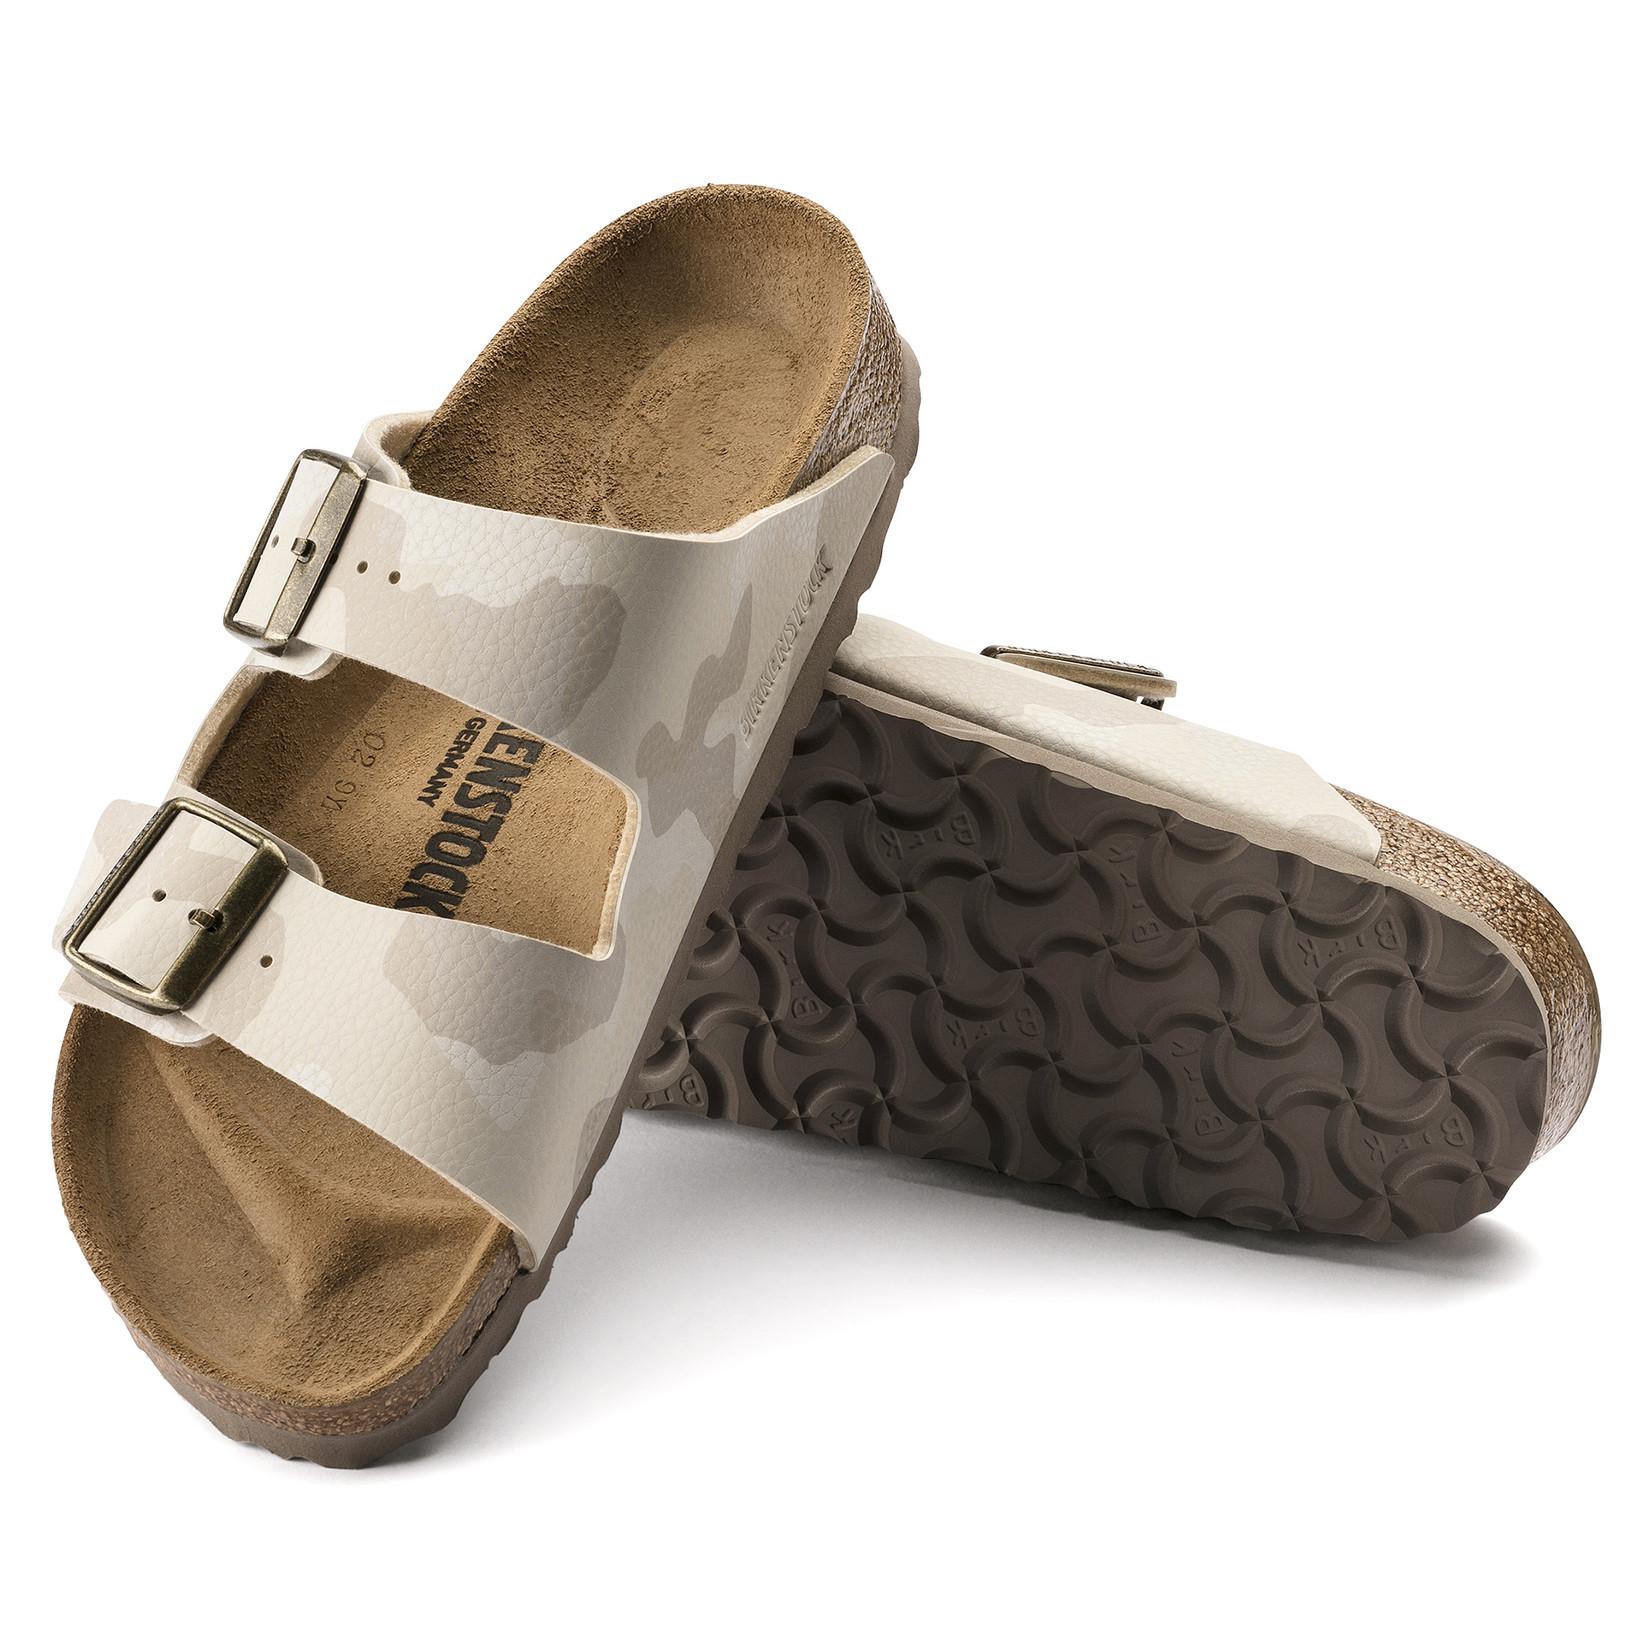 Birkenstock Birkenstock Arizona Birko-Flor Sandals